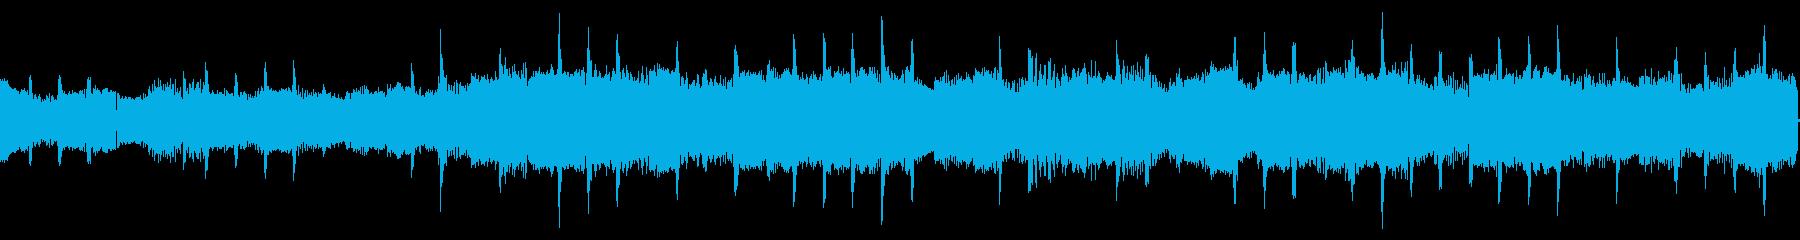 コンピューター音の再生済みの波形